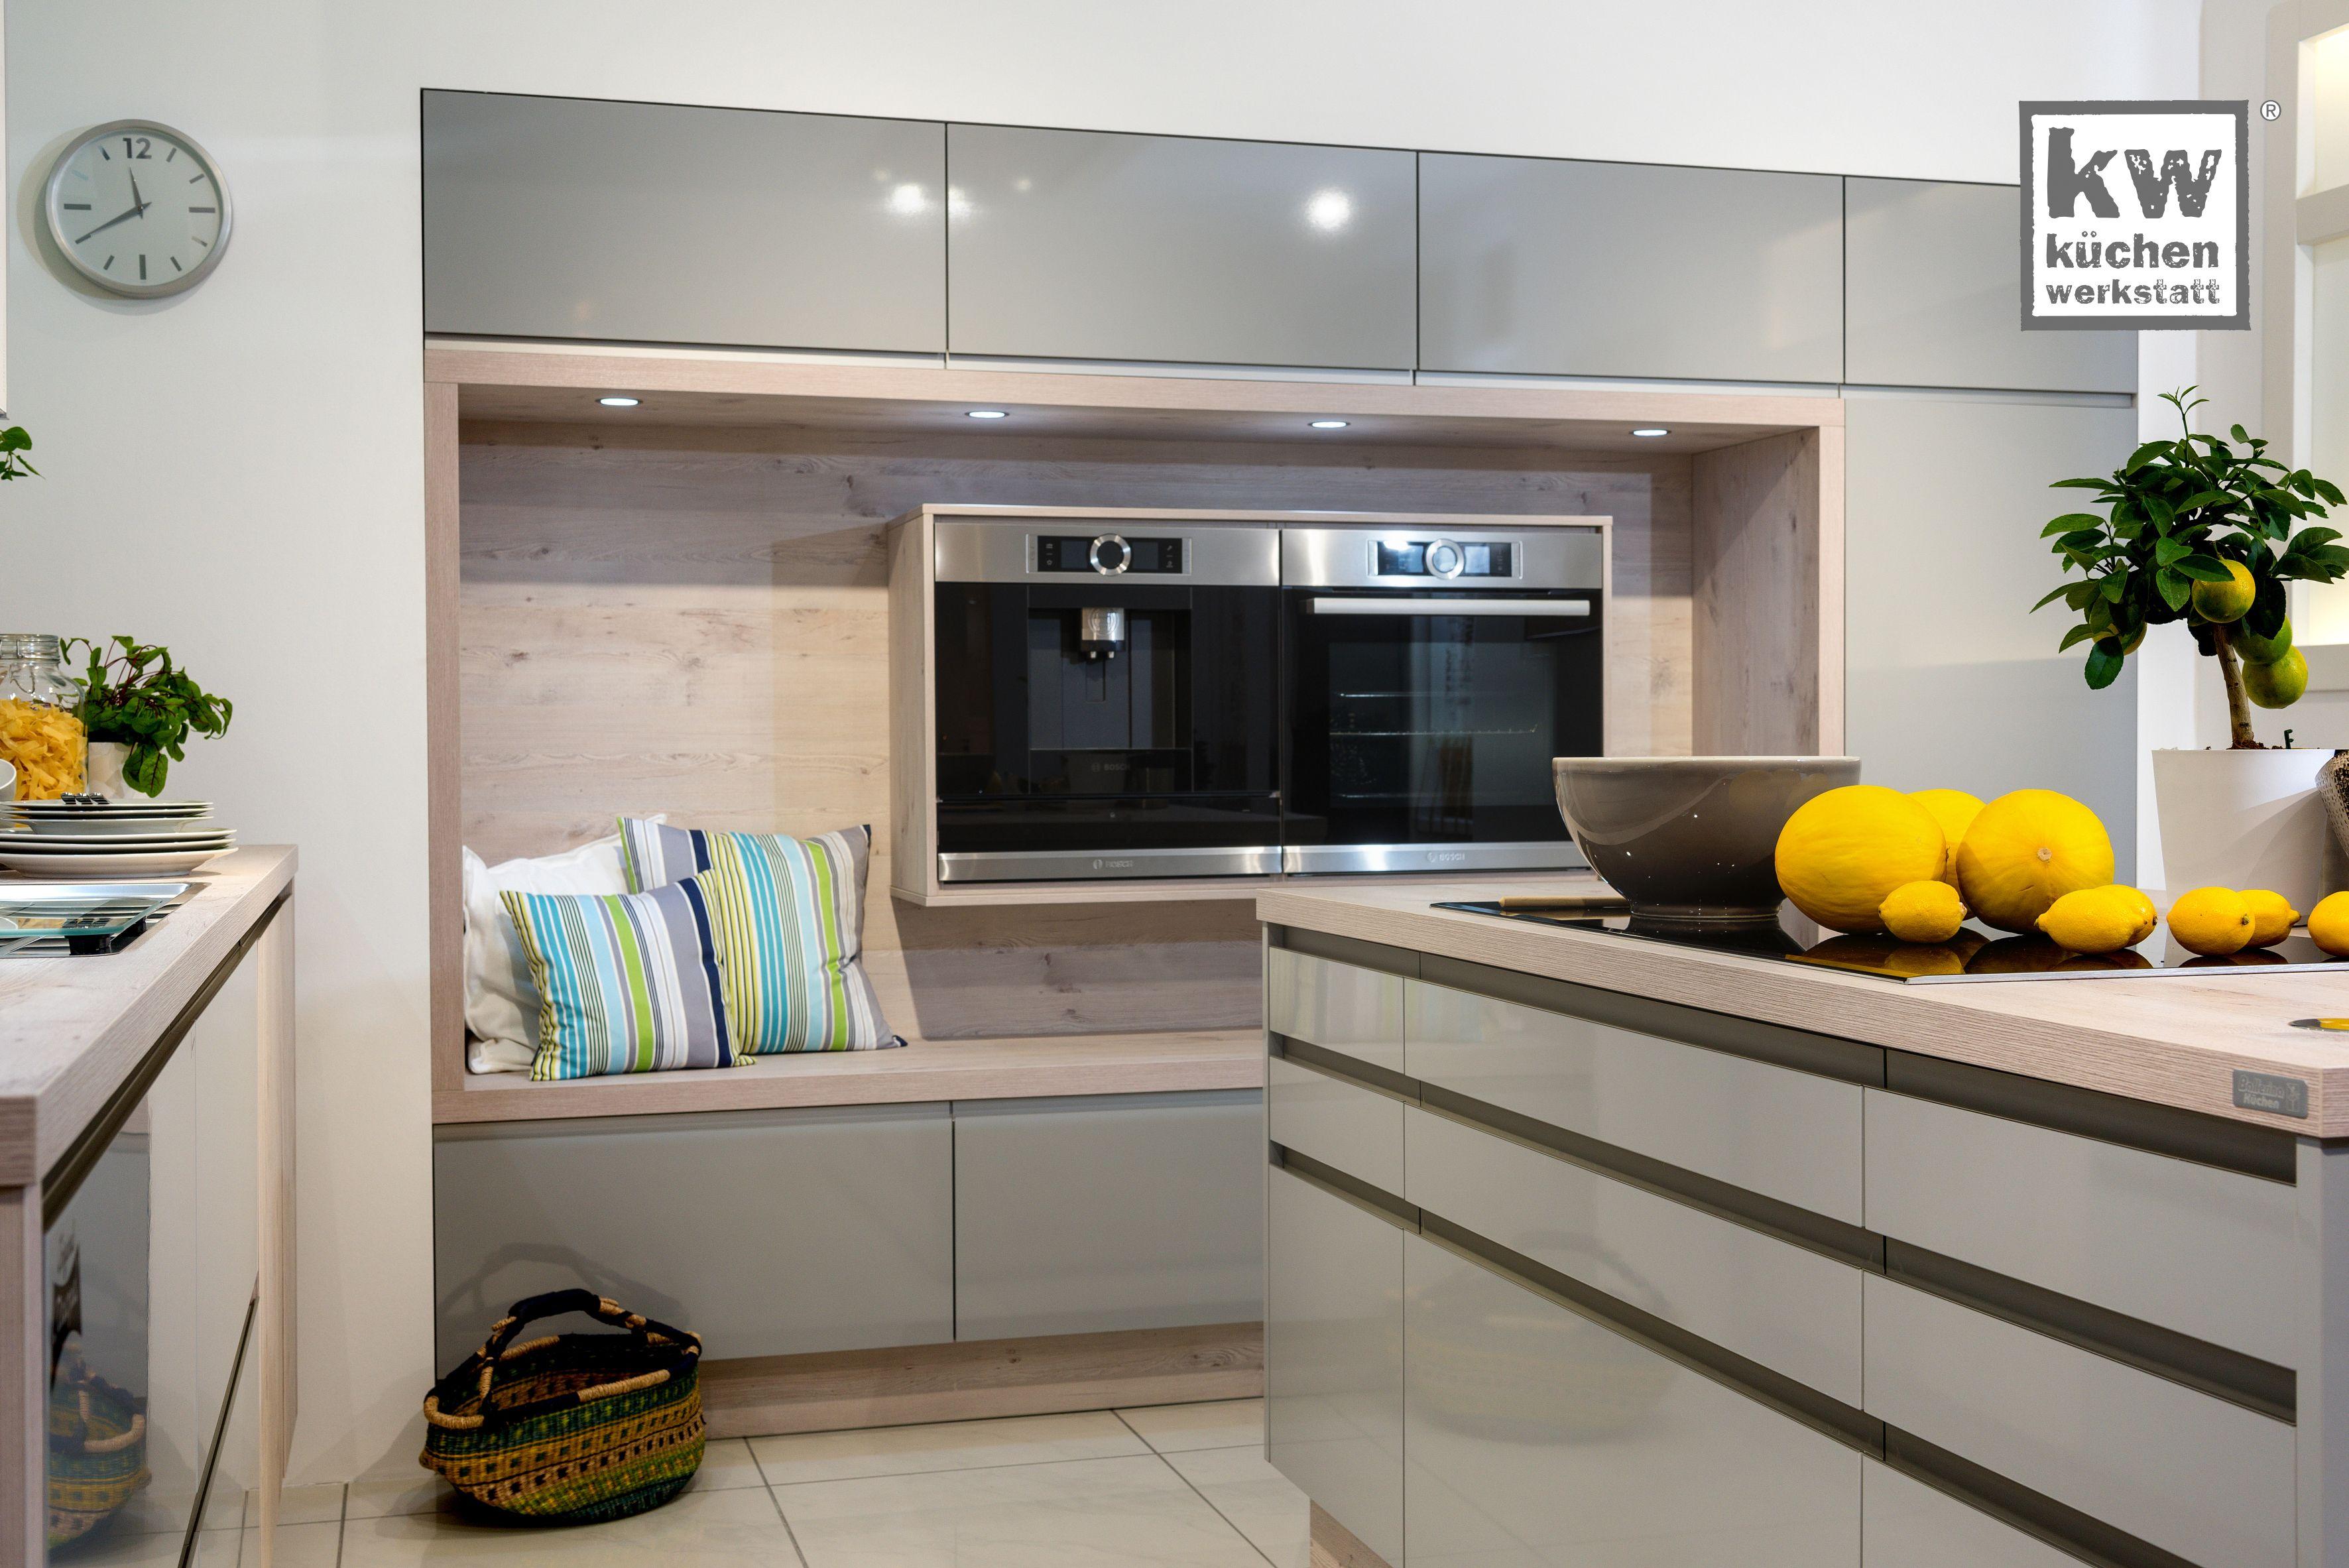 Ideen für küchenideen grifflose küche mit gemütlicher sitzecke  moderne küchen